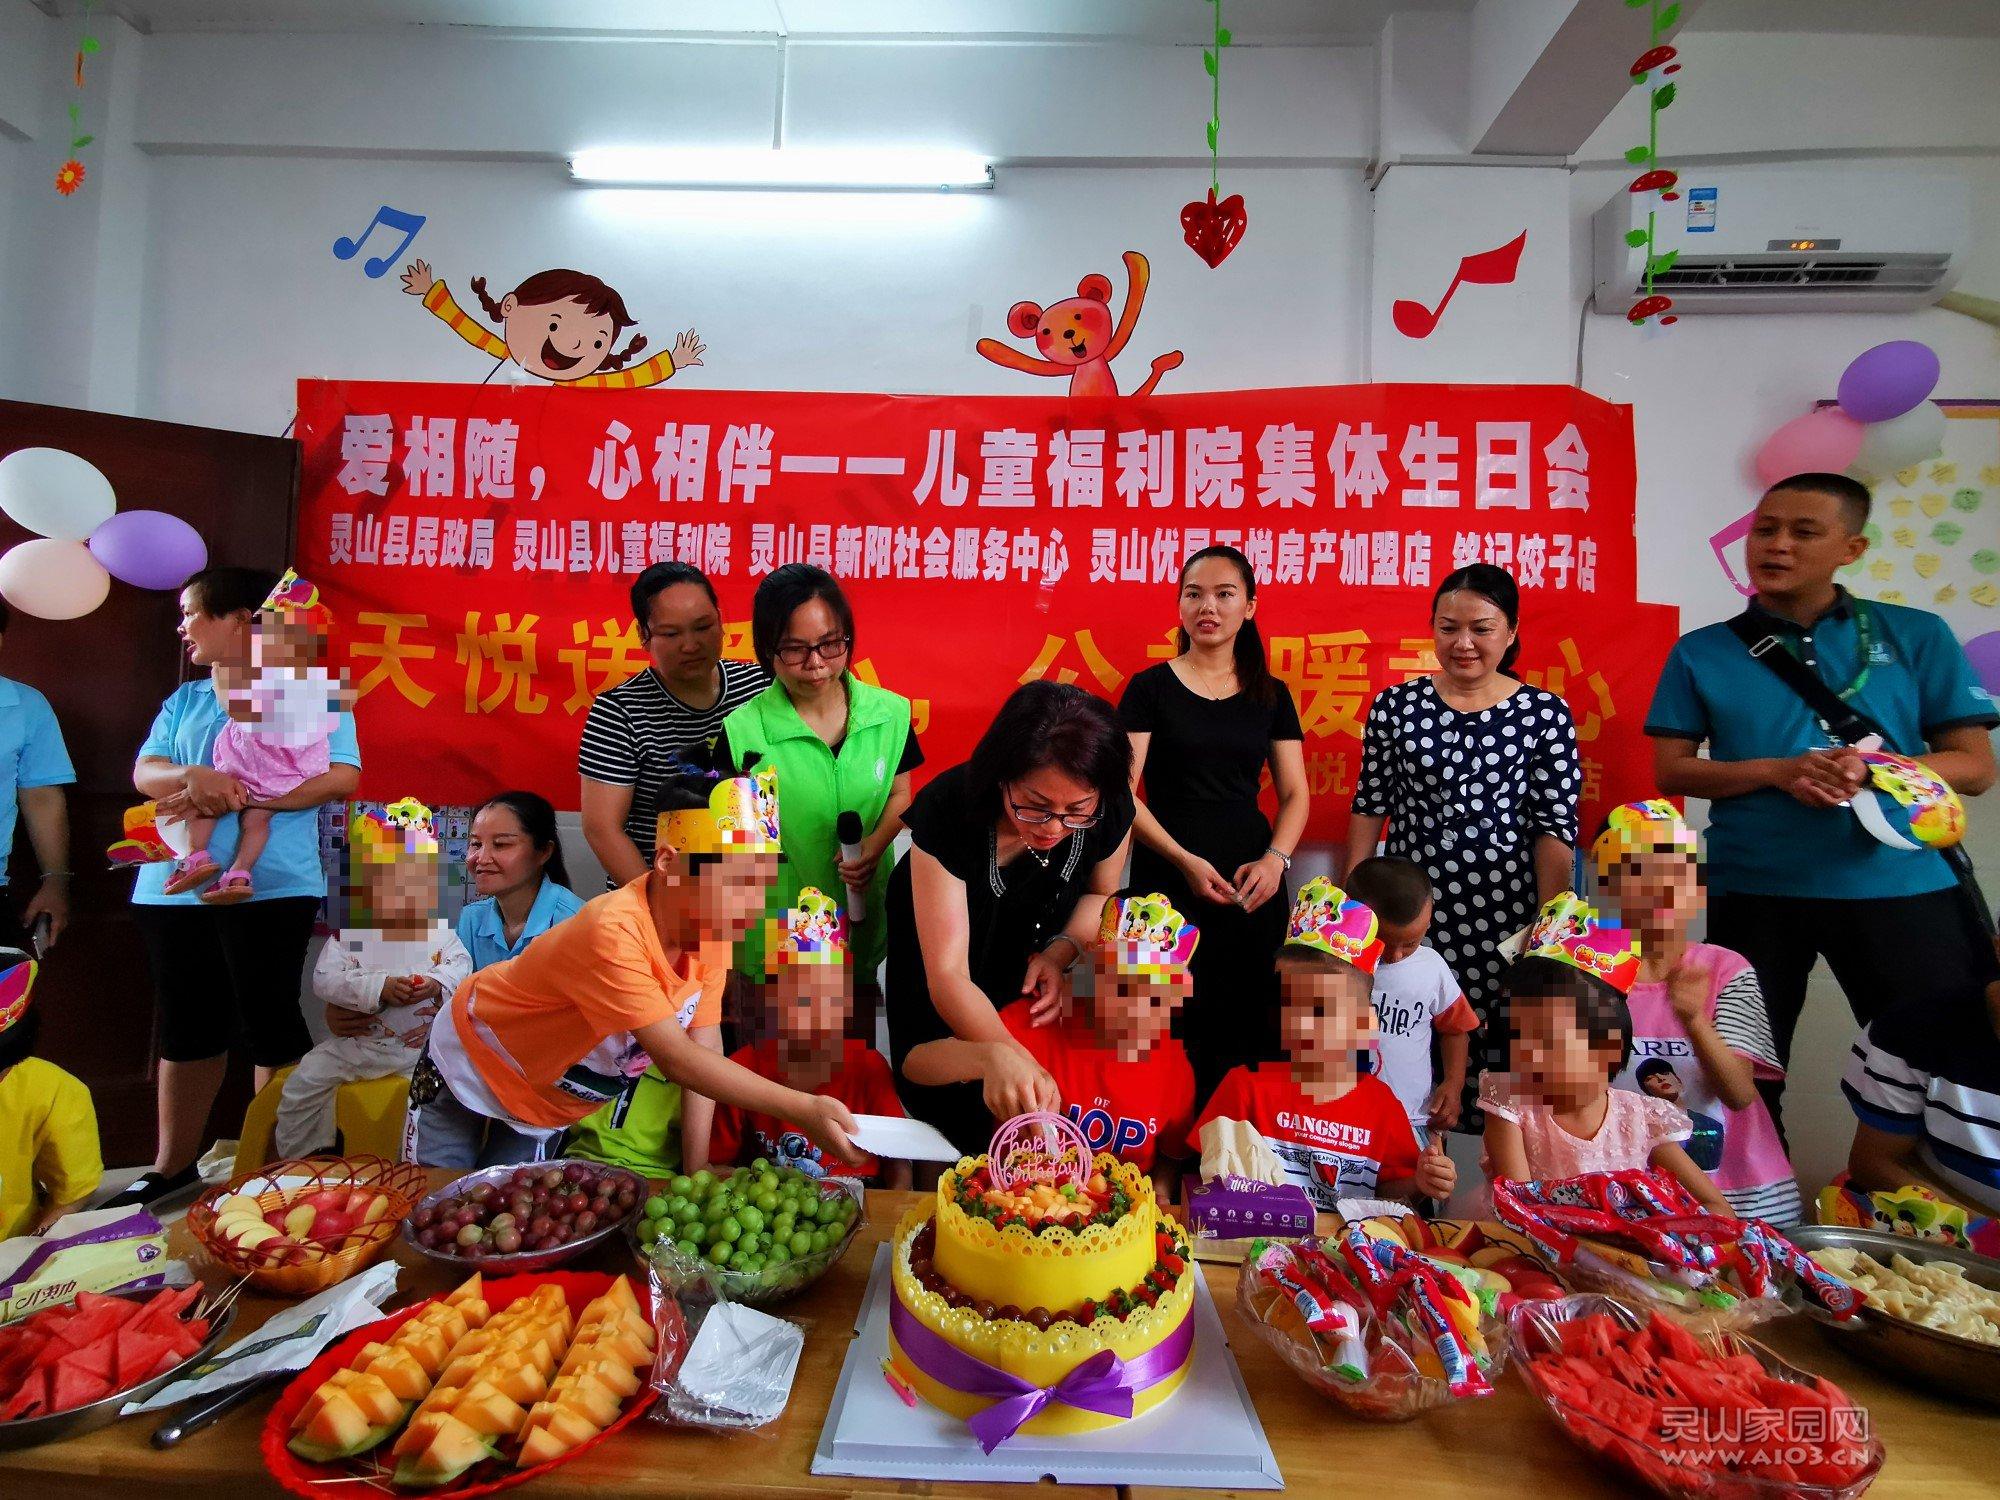 图3:民政局劳春燕局长为孩子们切蛋糕.jpg